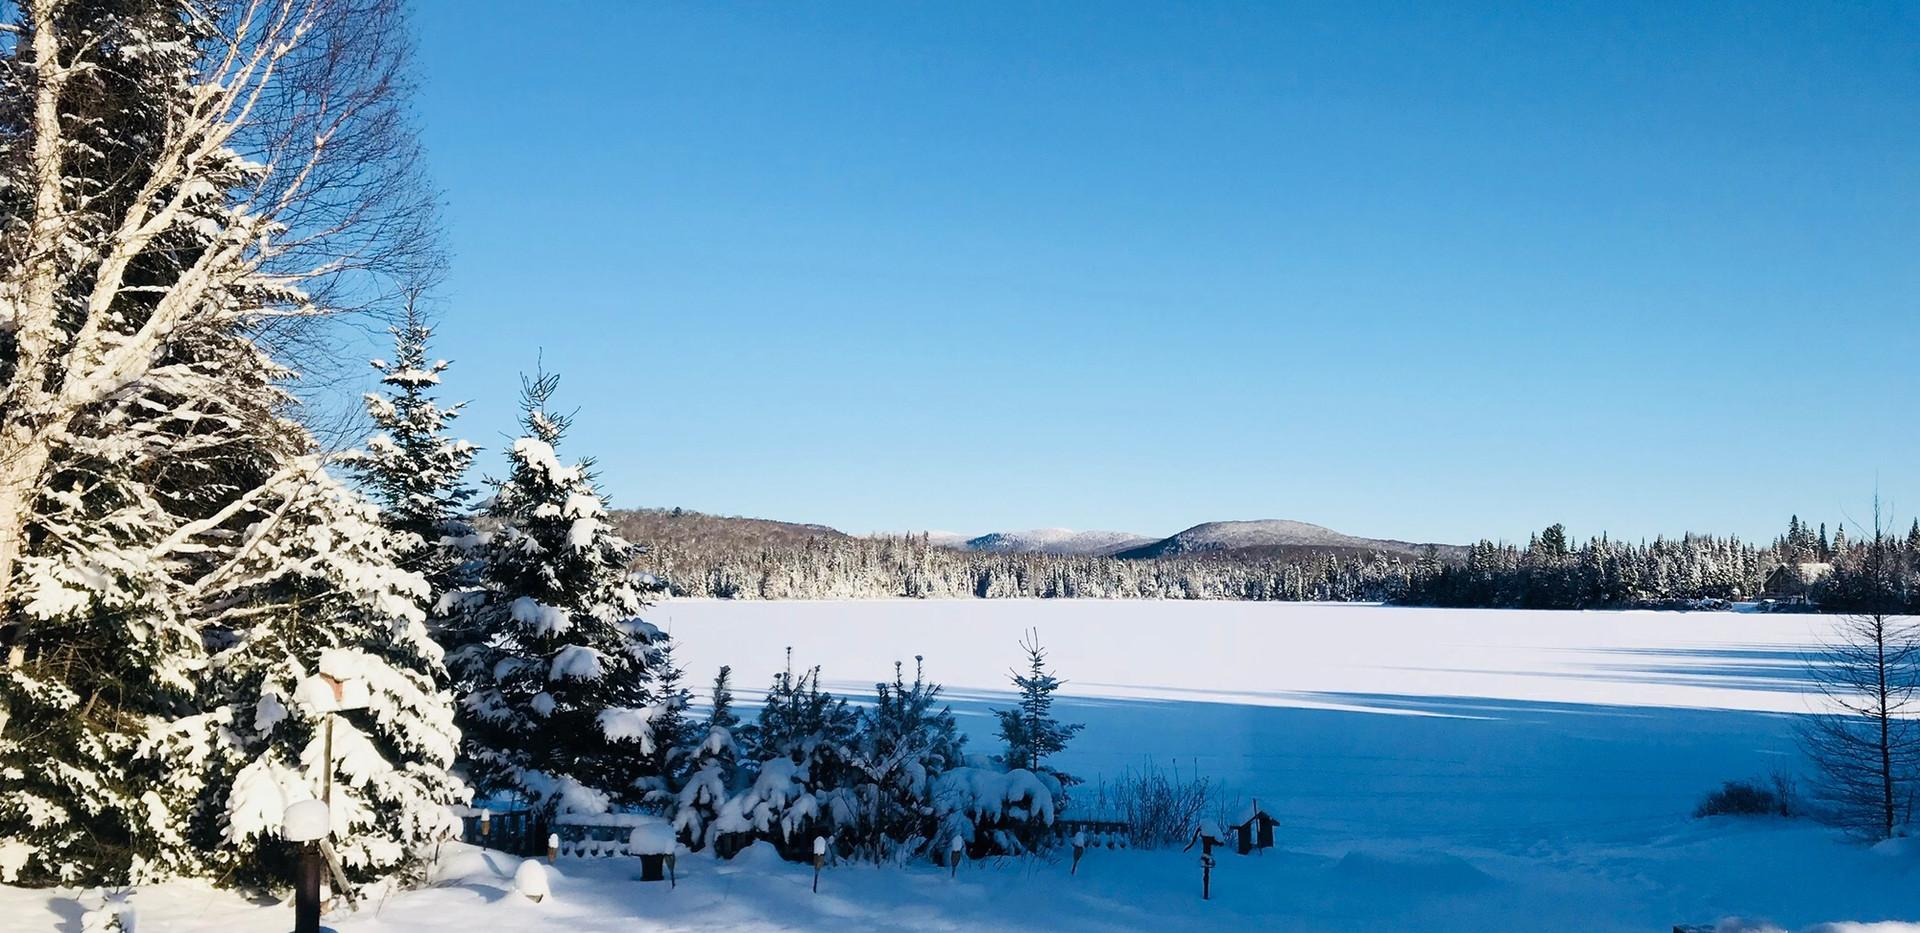 Chalet à louer au Québec | face au lac | 4 saisons Le Cocooning L'Ascension | Vue de l'intérieur en hiver